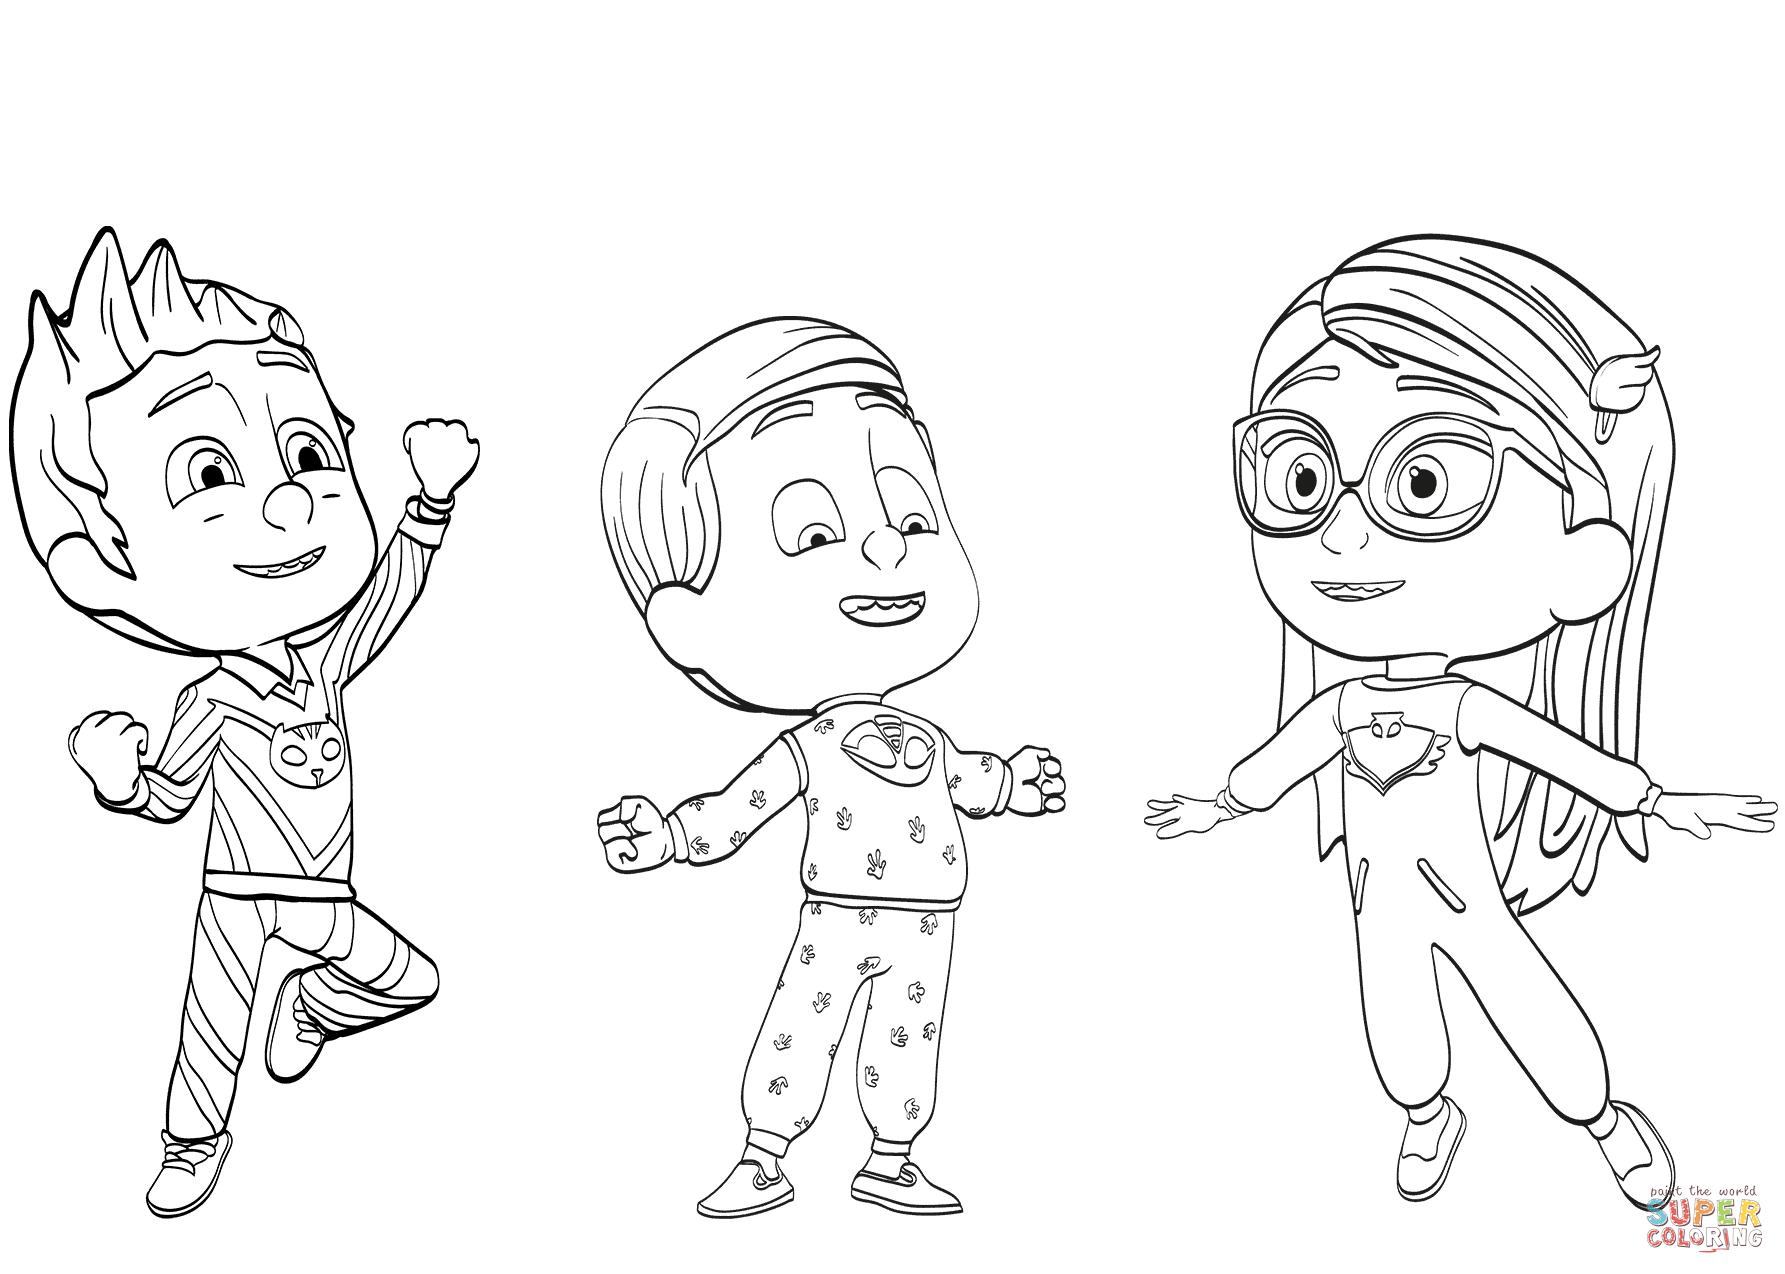 Pj Masks Pajama Heroes Coloring Page